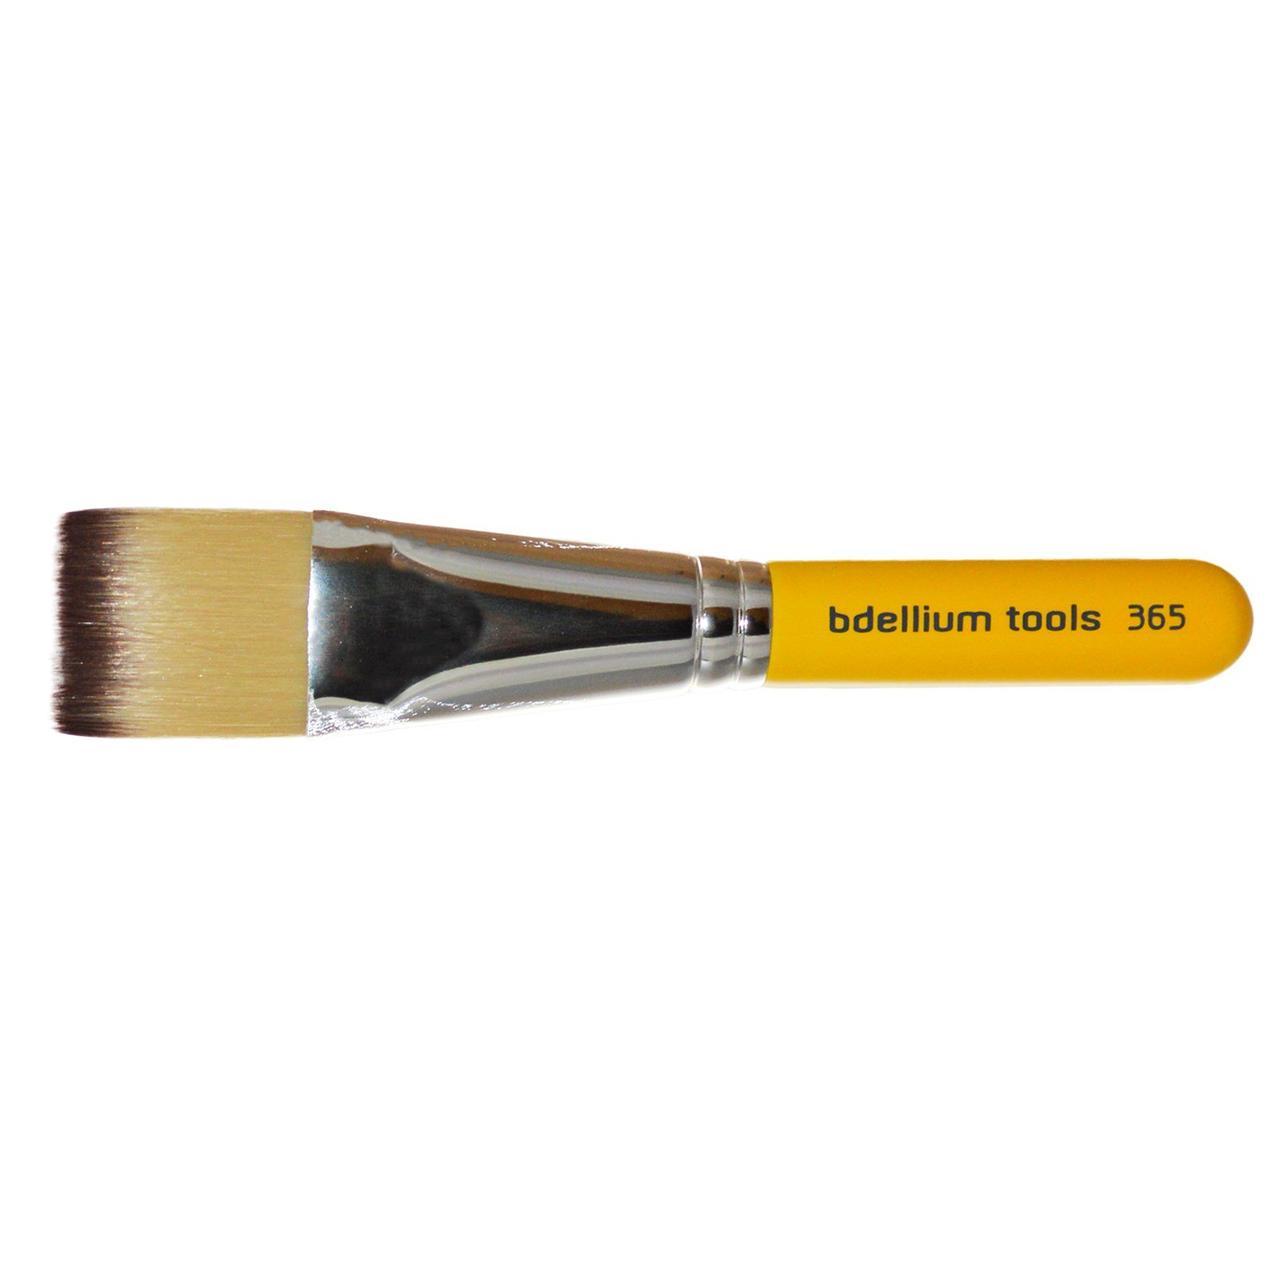 Кисть для нанесения масок, СПА 365, Bdellium Tools, 1 шт